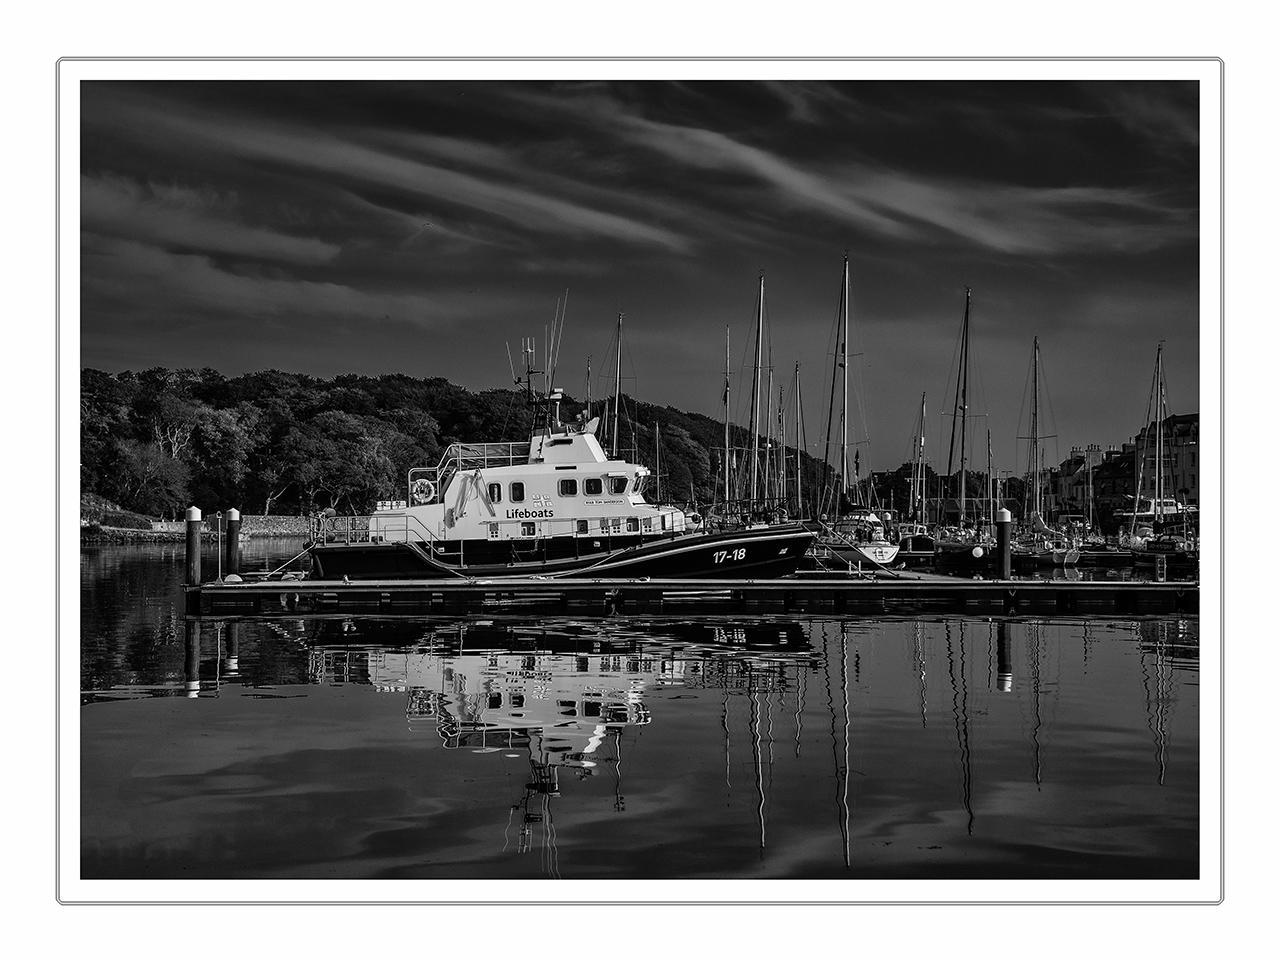 Lifeboat im Hafen von Stornoway